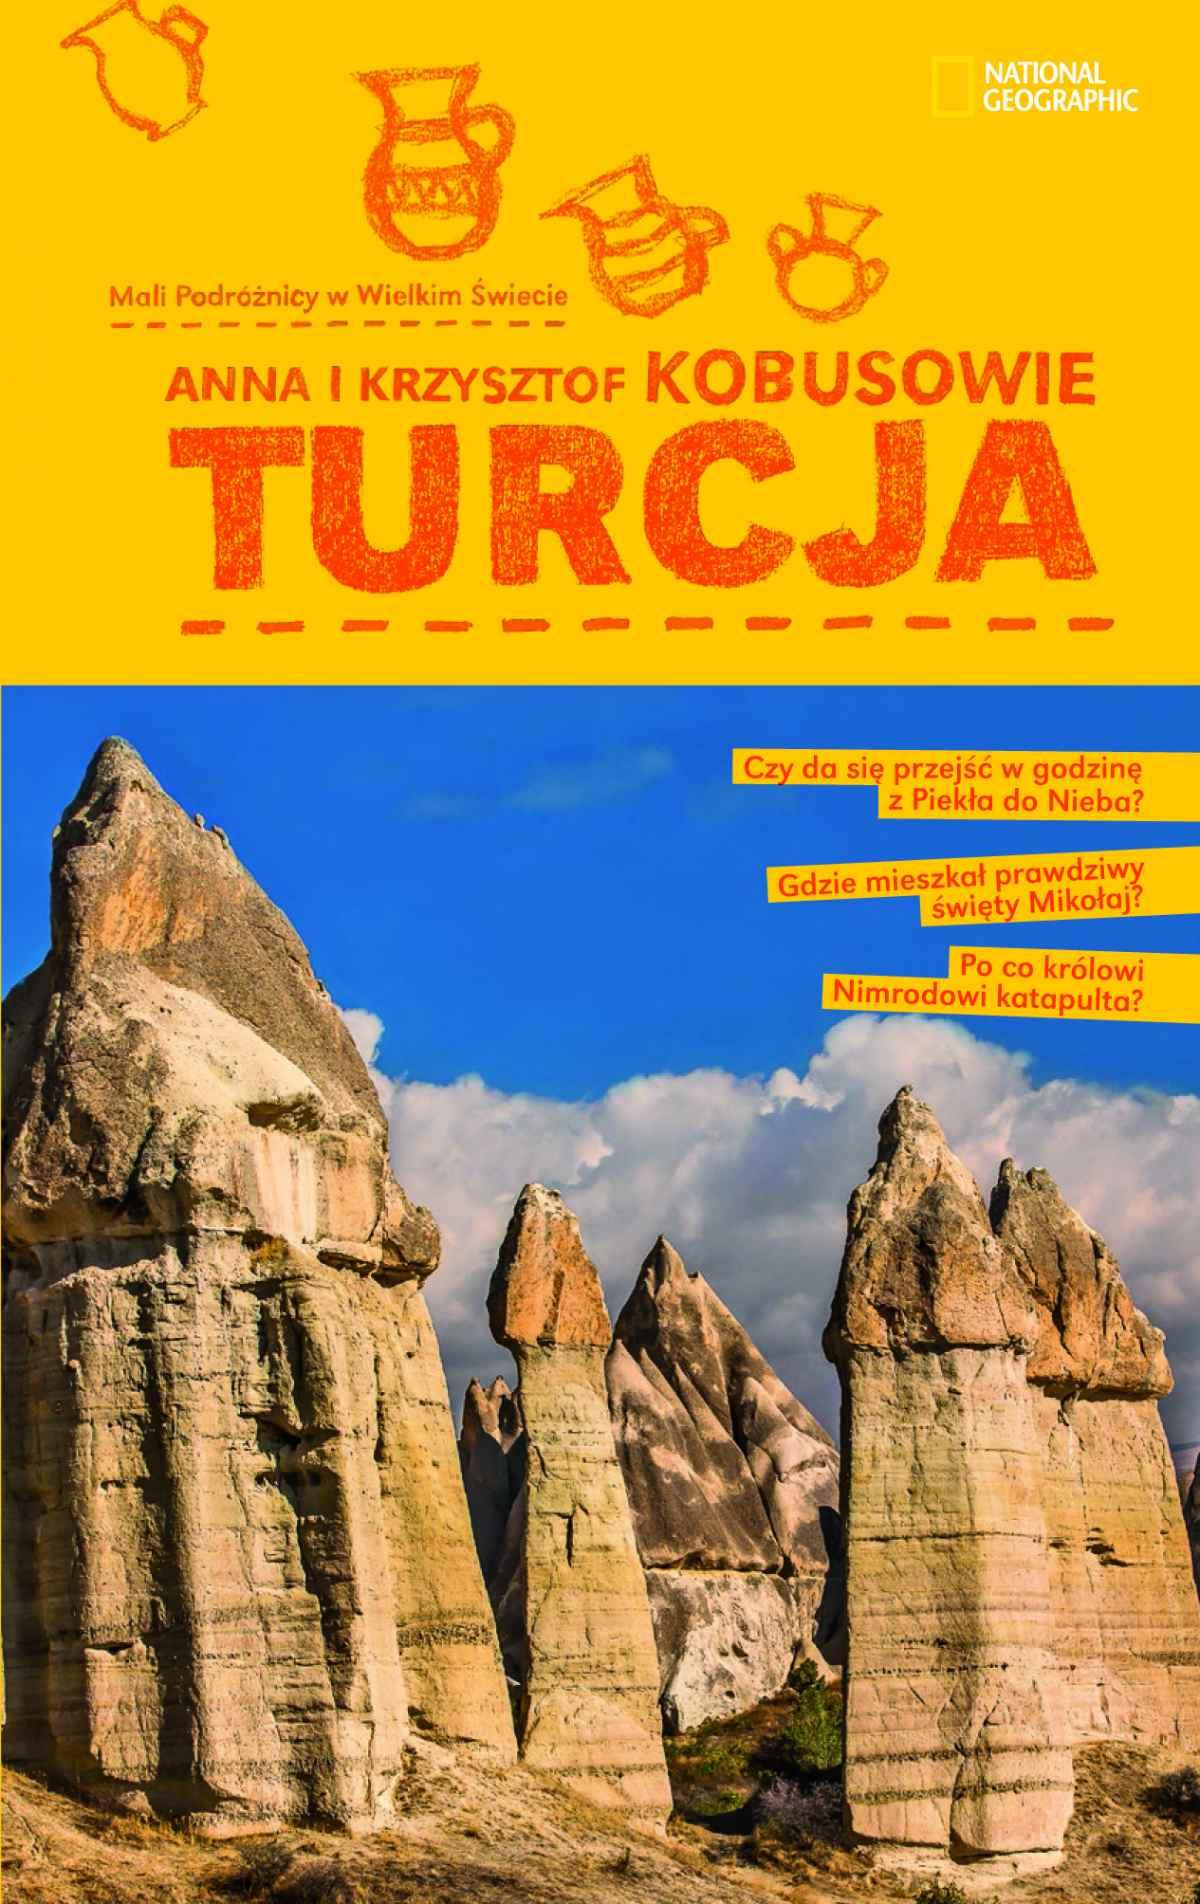 Turcja Mali podróżnicy w wielkim świecie - Ebook (Książka EPUB) do pobrania w formacie EPUB